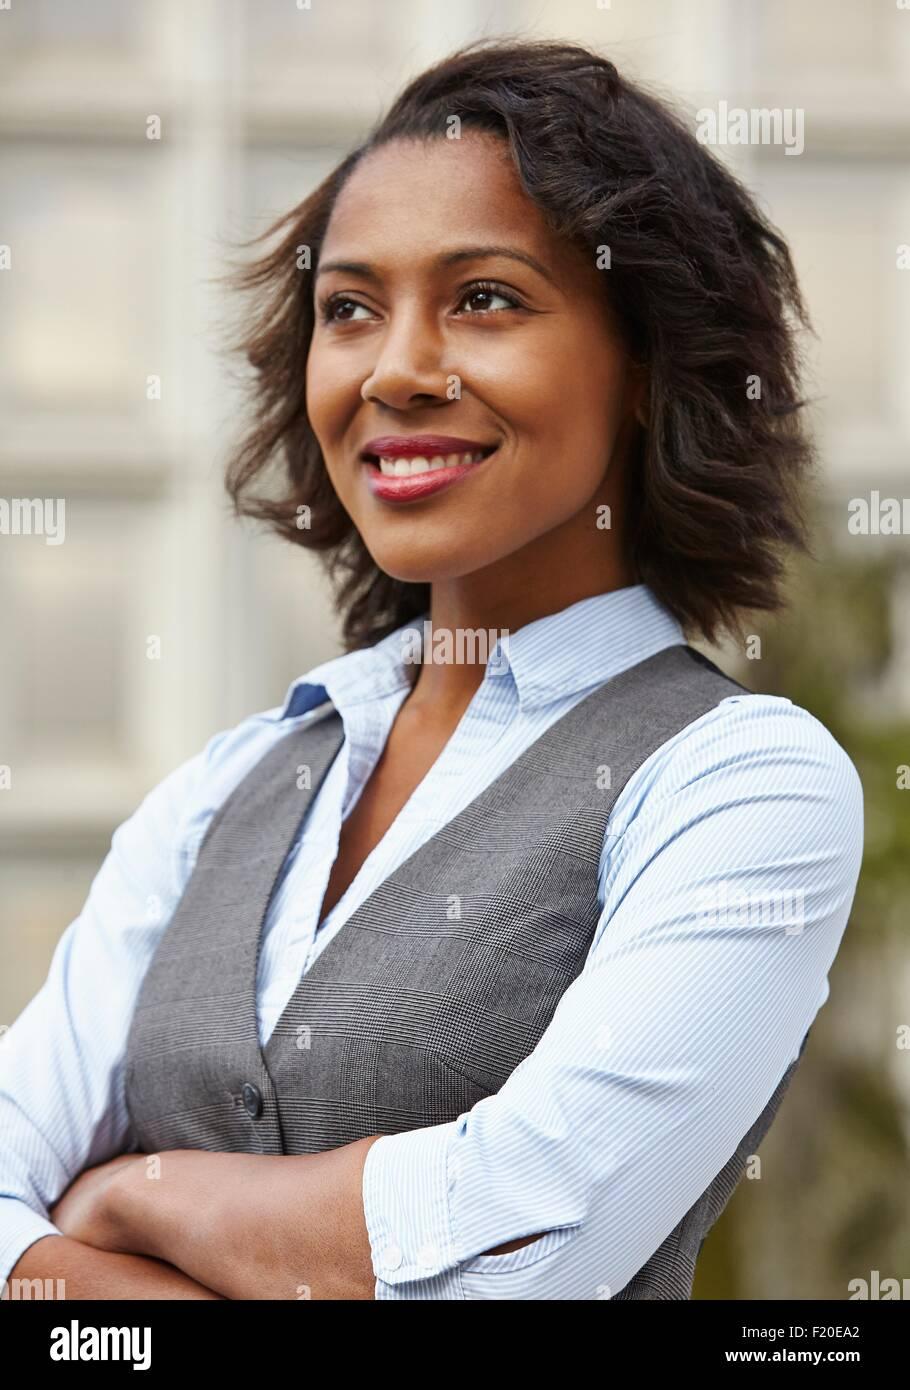 Porträt des jungen Geschäftsfrau, tragen Weste, wegsehen, gefaltet Arme, Lächeln Stockfoto